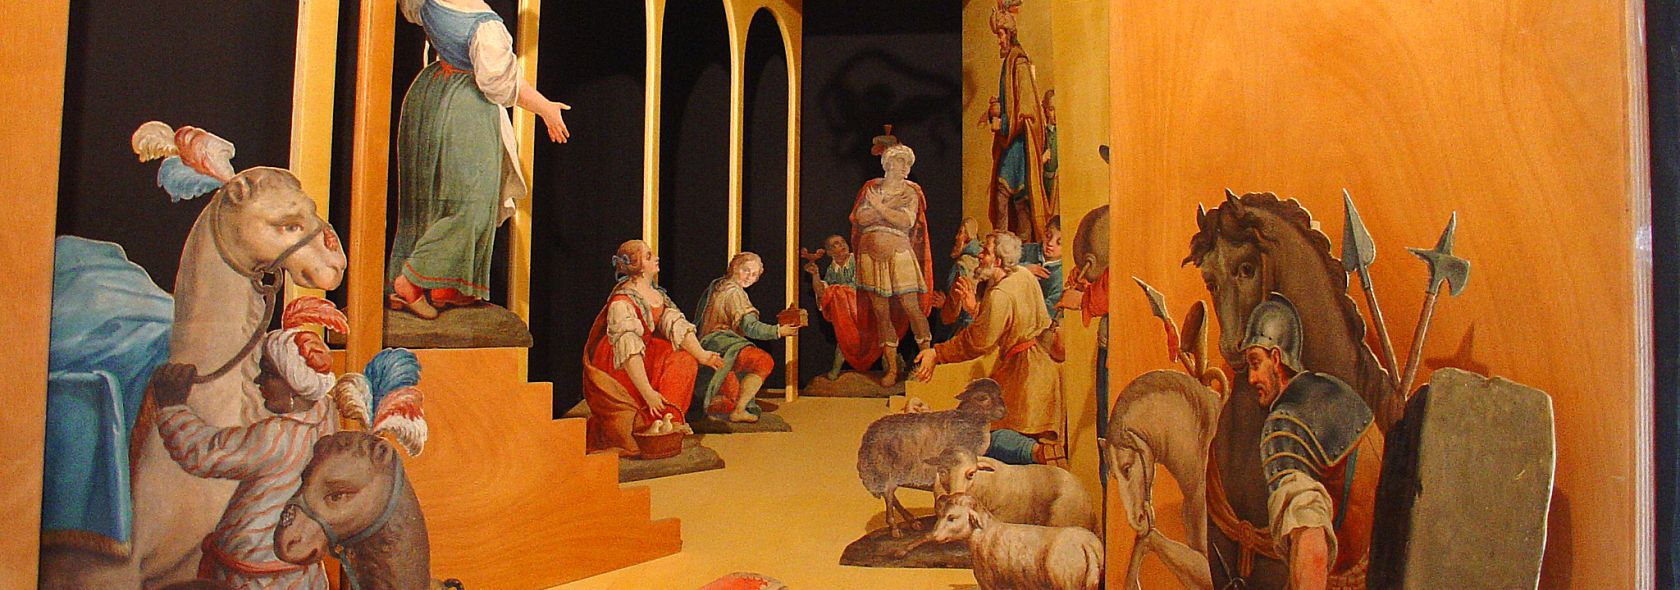 Sagome dell'antico presepe lombardo - DOCSAI - ©Archivio fotografico Genova